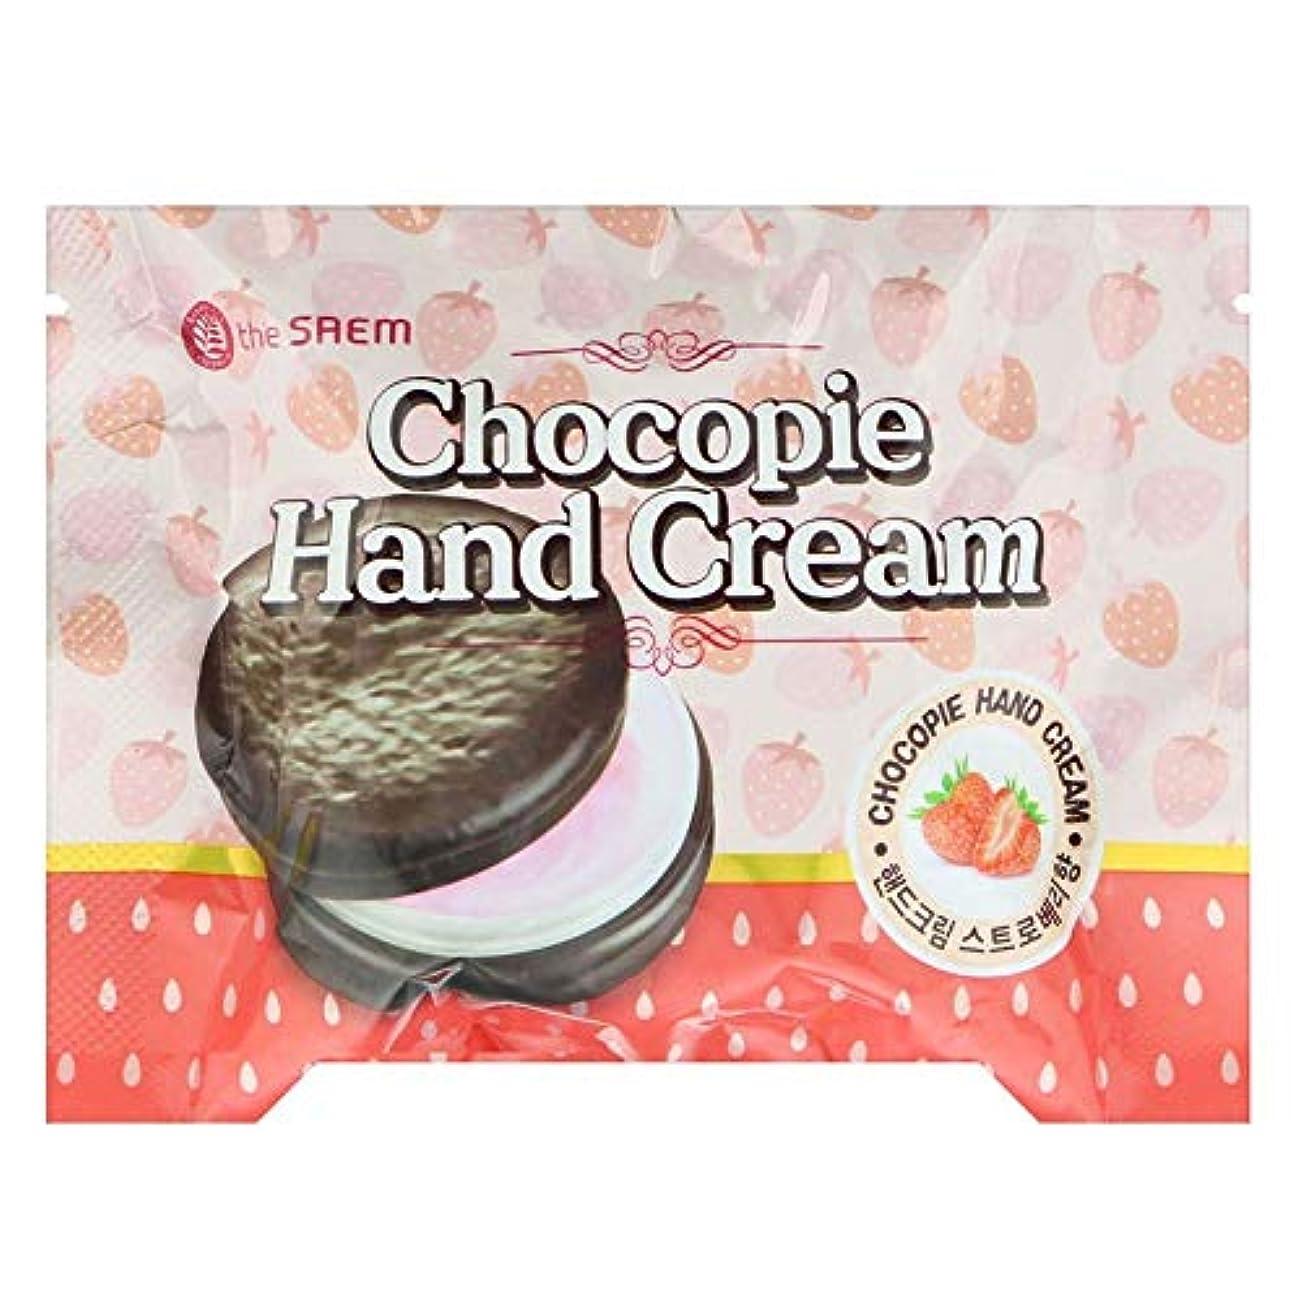 ボンド特権退屈させる【the SAEM】ザセム チョコパイ ハンドクリーム[ストロベリー] CHOCOPIE HAND CREAM 35ml 韓国コスメ ザセム ハンドクリーム